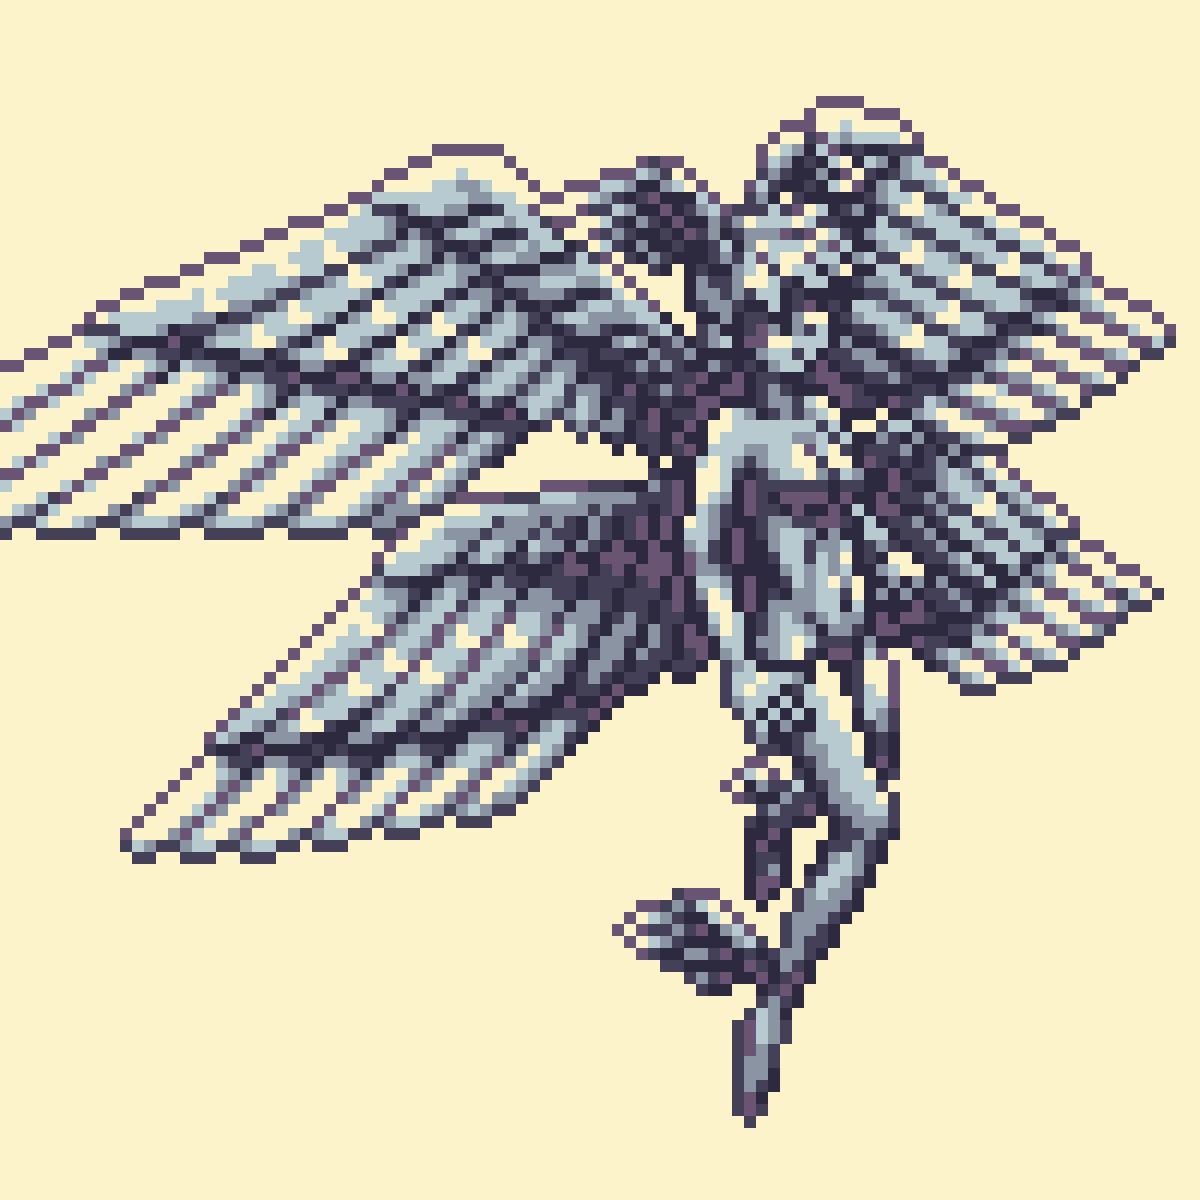 Pixilart On Twitter Angel By Kido Pixilart Pixelart